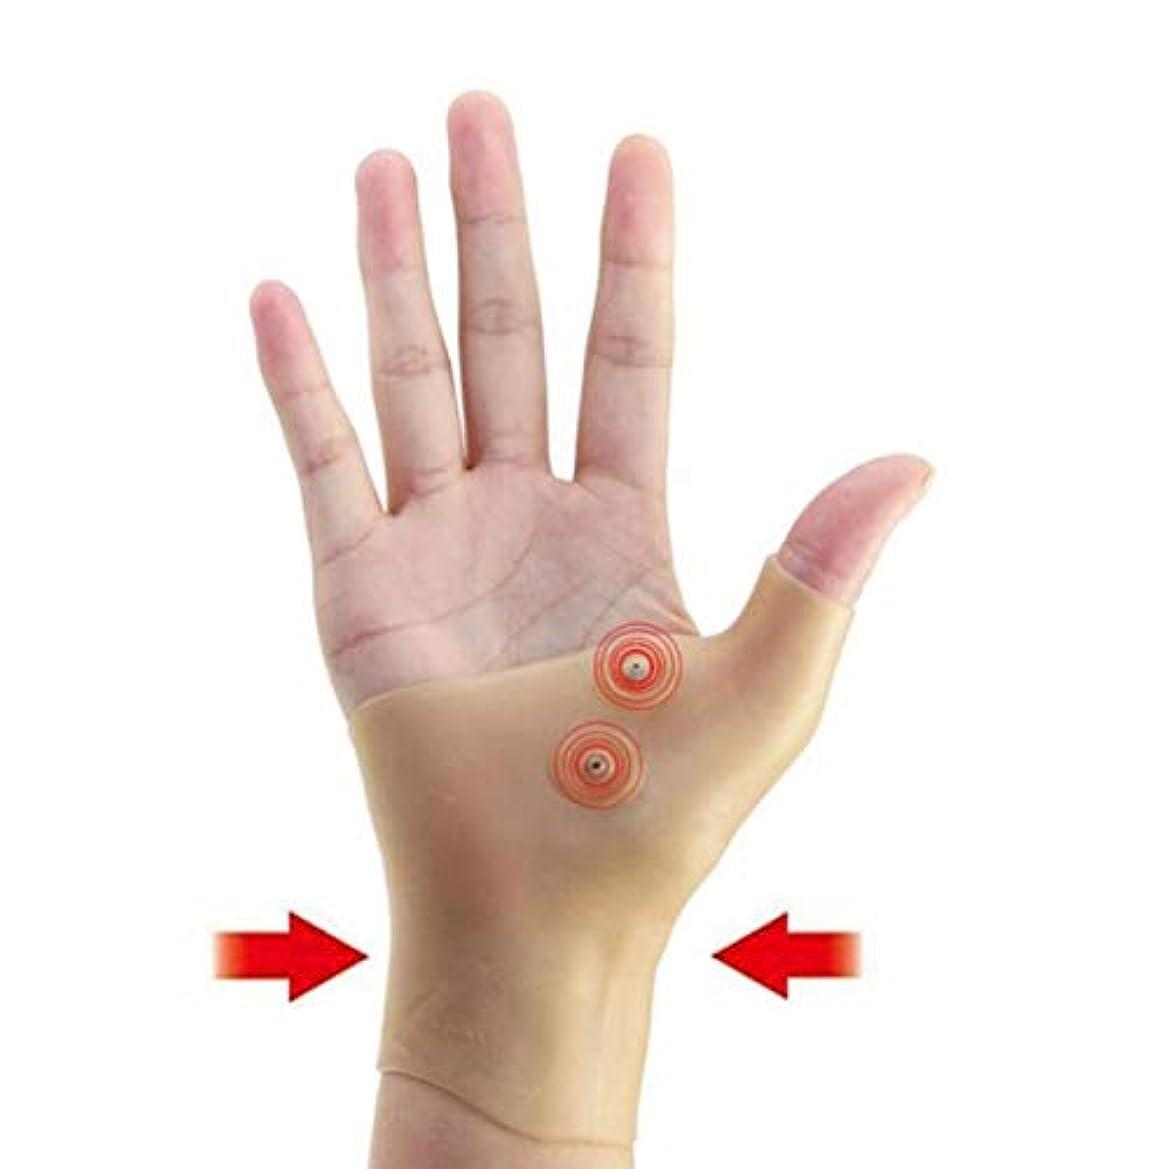 ブレーク迷彩まっすぐ磁気療法手首手親指サポート手袋シリコーンゲル関節炎圧力矯正器マッサージ痛み緩和手袋 - 肌の色